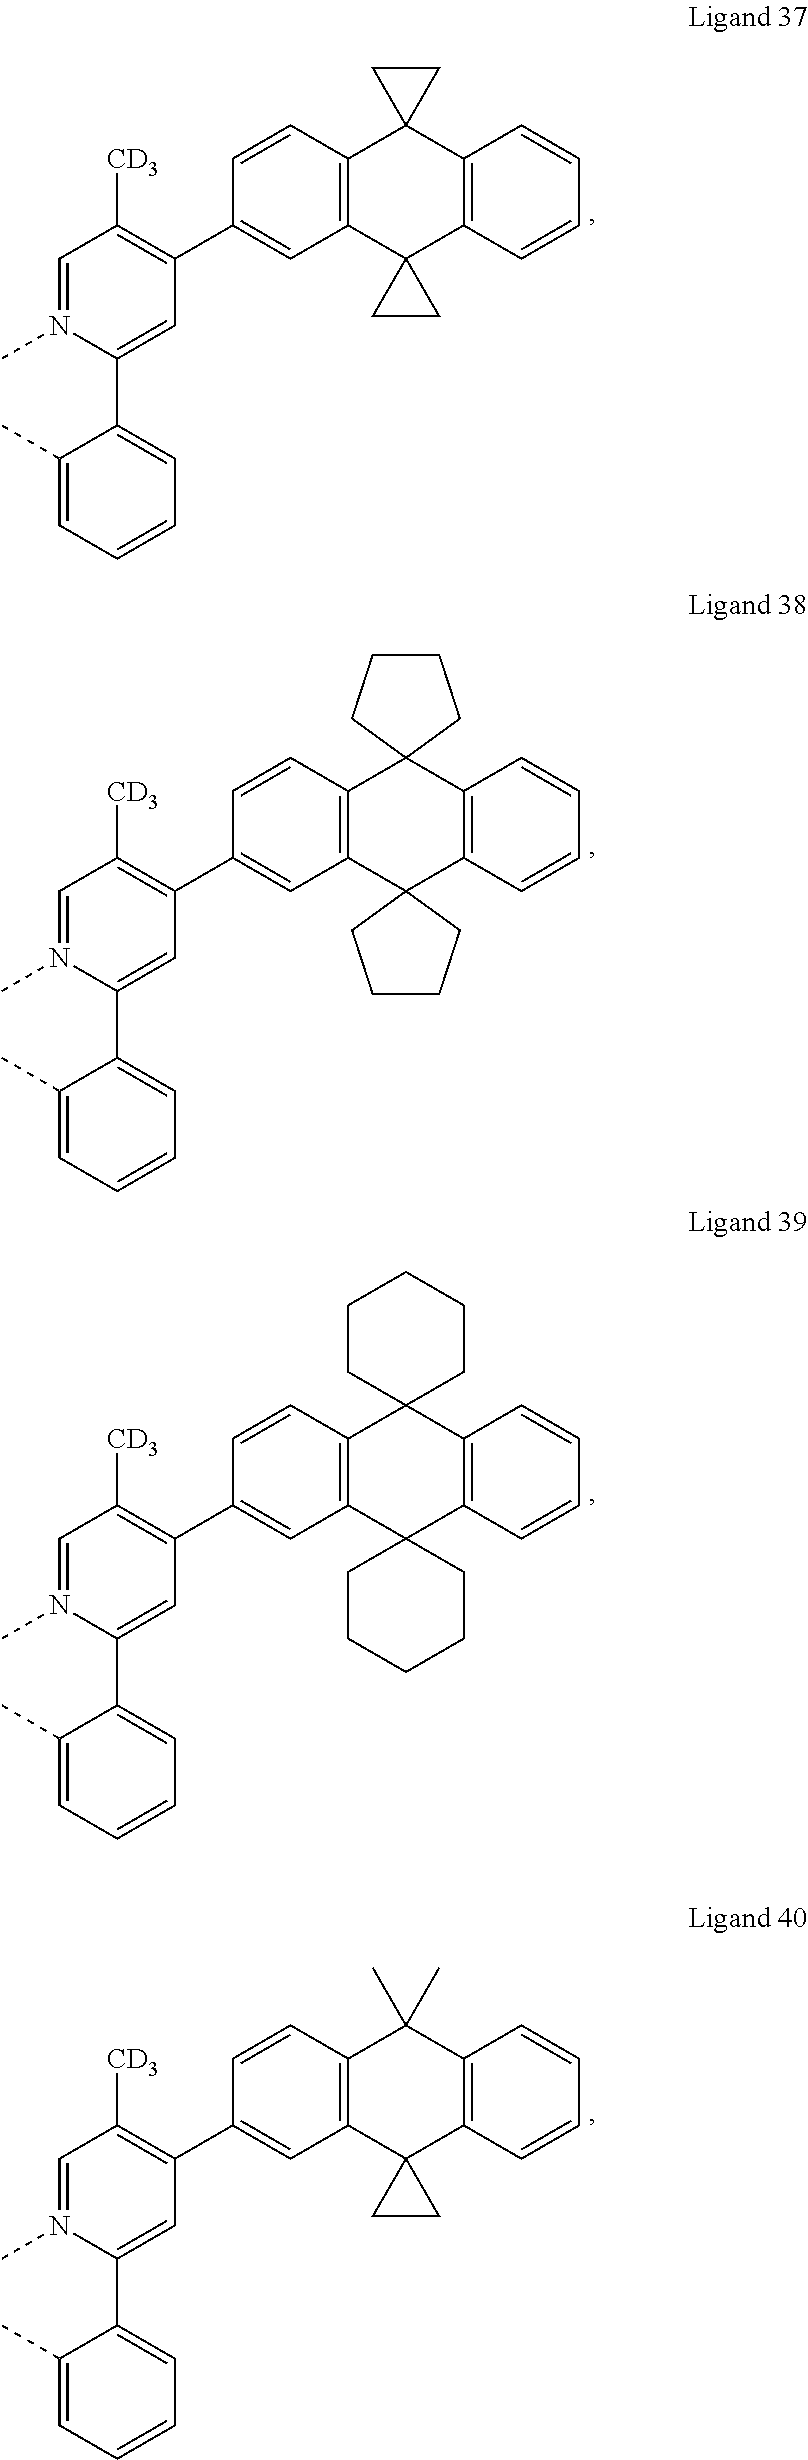 Figure US20180130962A1-20180510-C00039